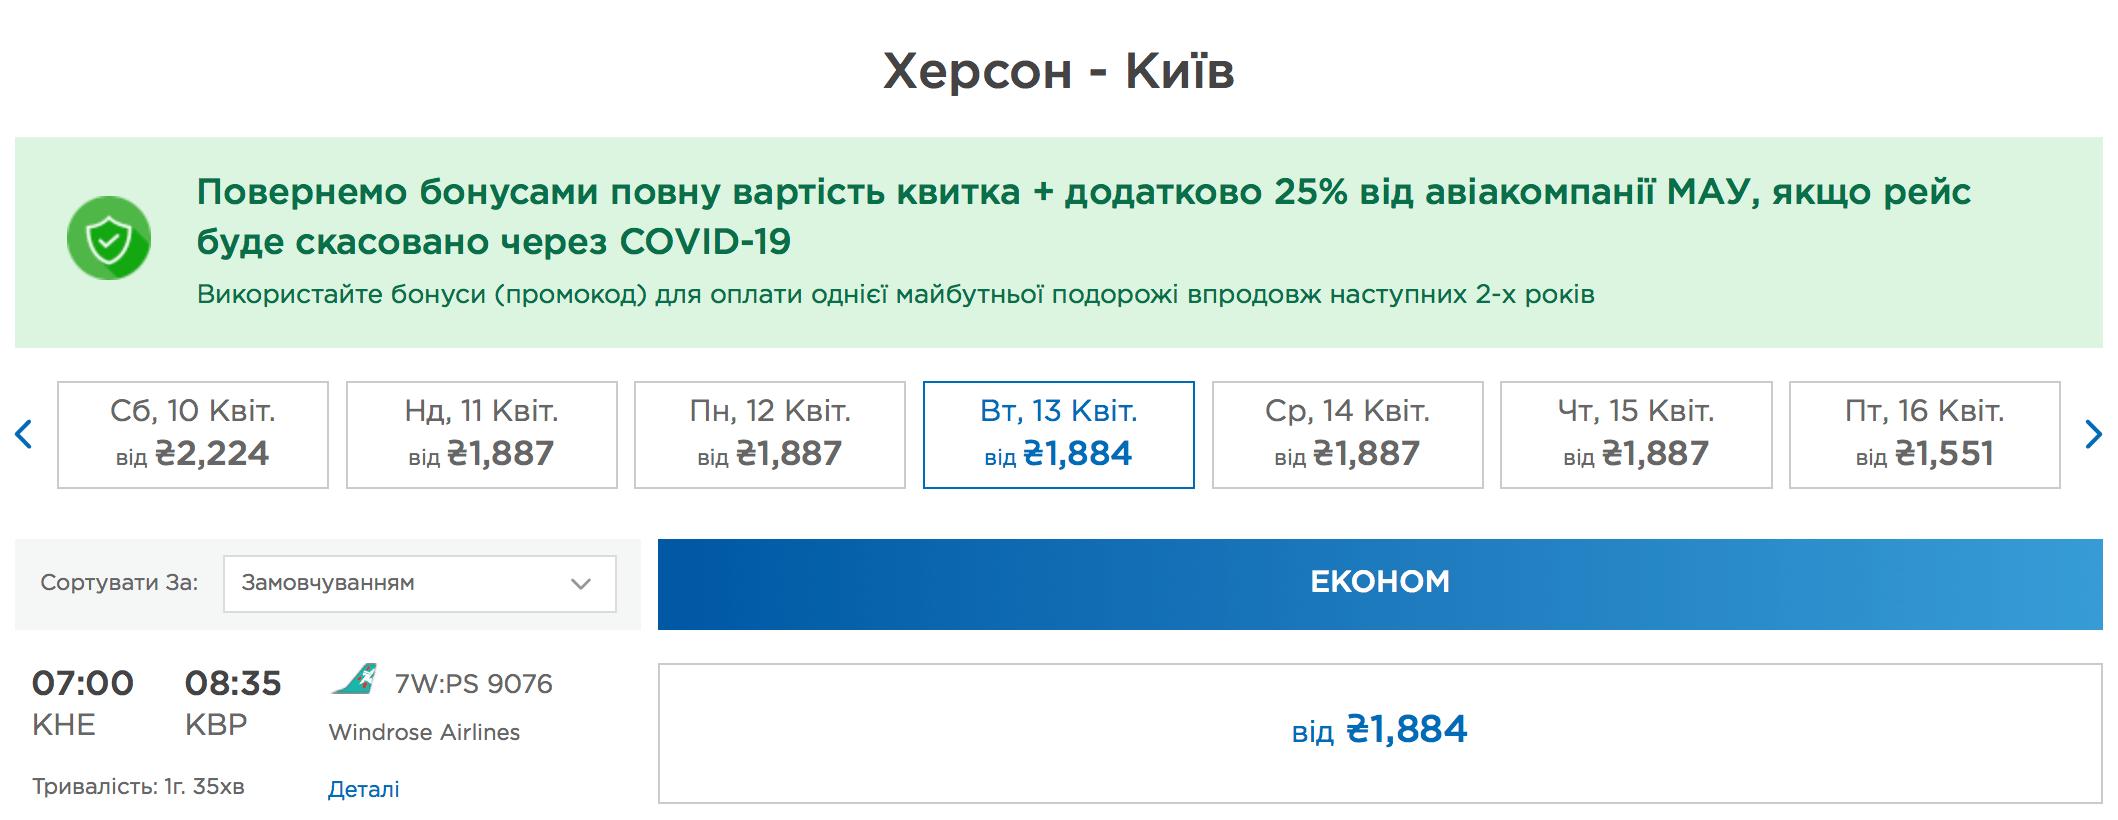 Как добраться в Скадовск | Расписание автобусов 2021